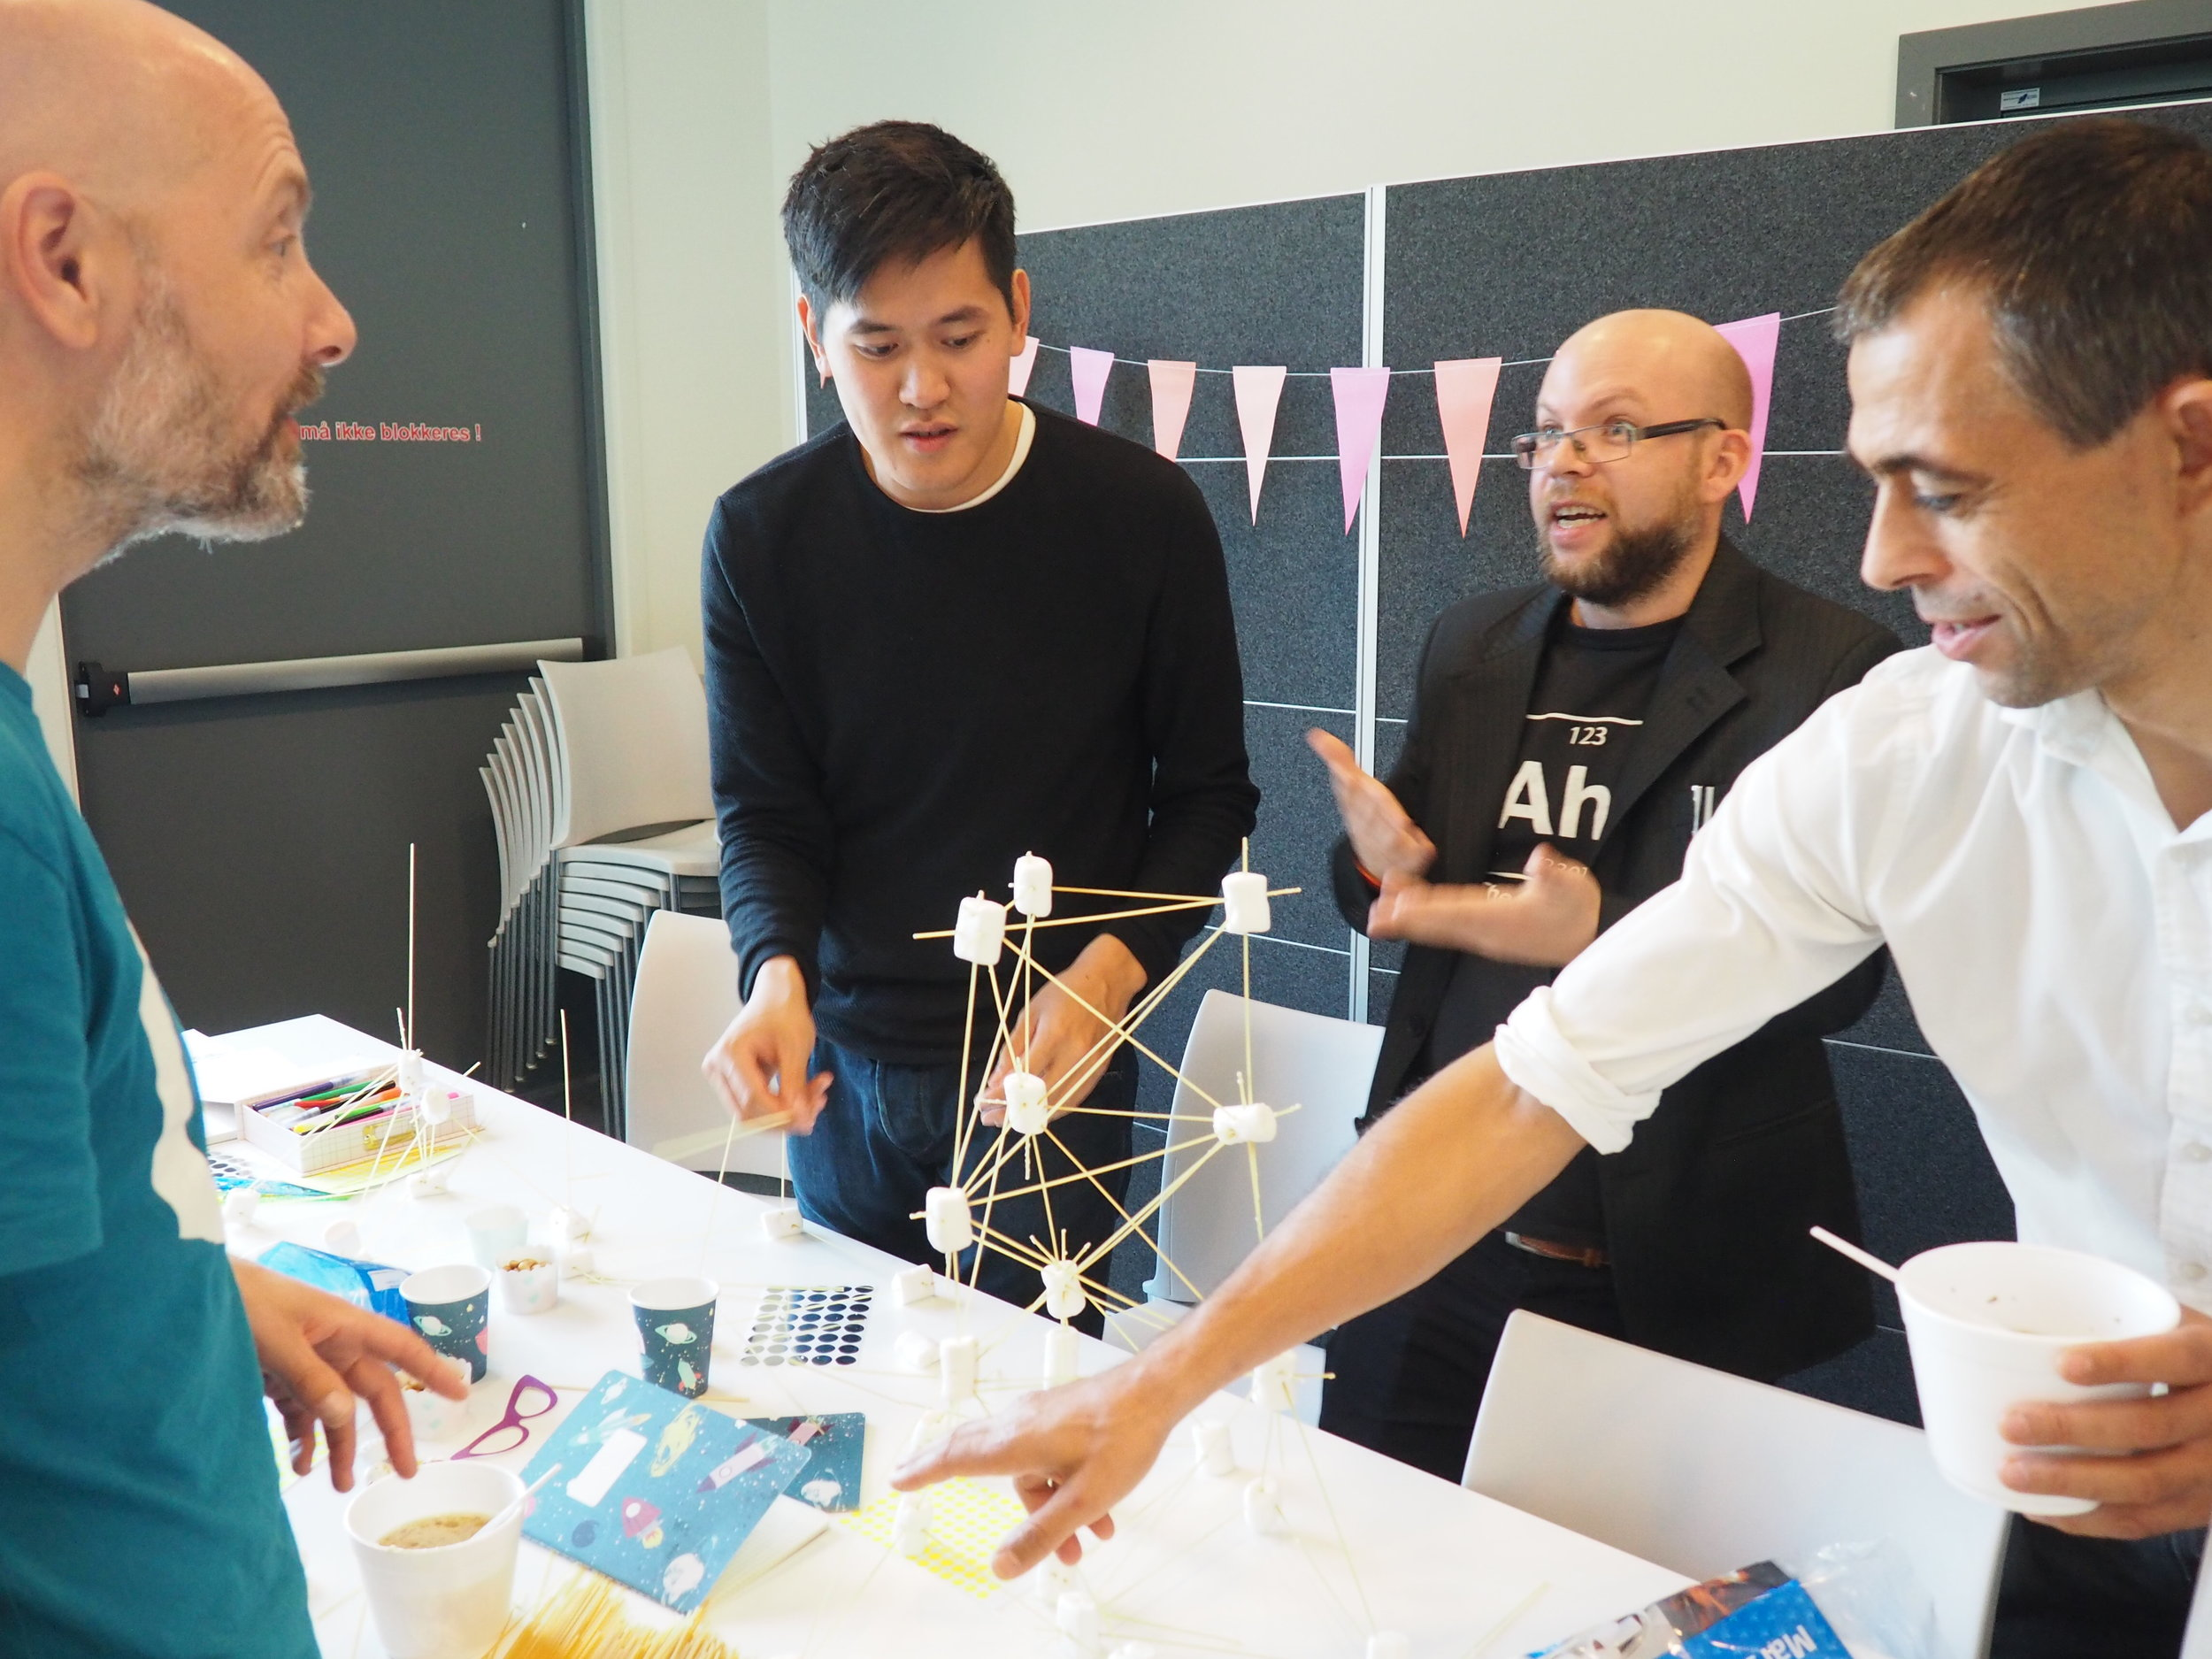 Deltagerne på åpningen ble også med på workshop iløpet av dagen, her konstrueres tårn av marsmallows og spaghetti.